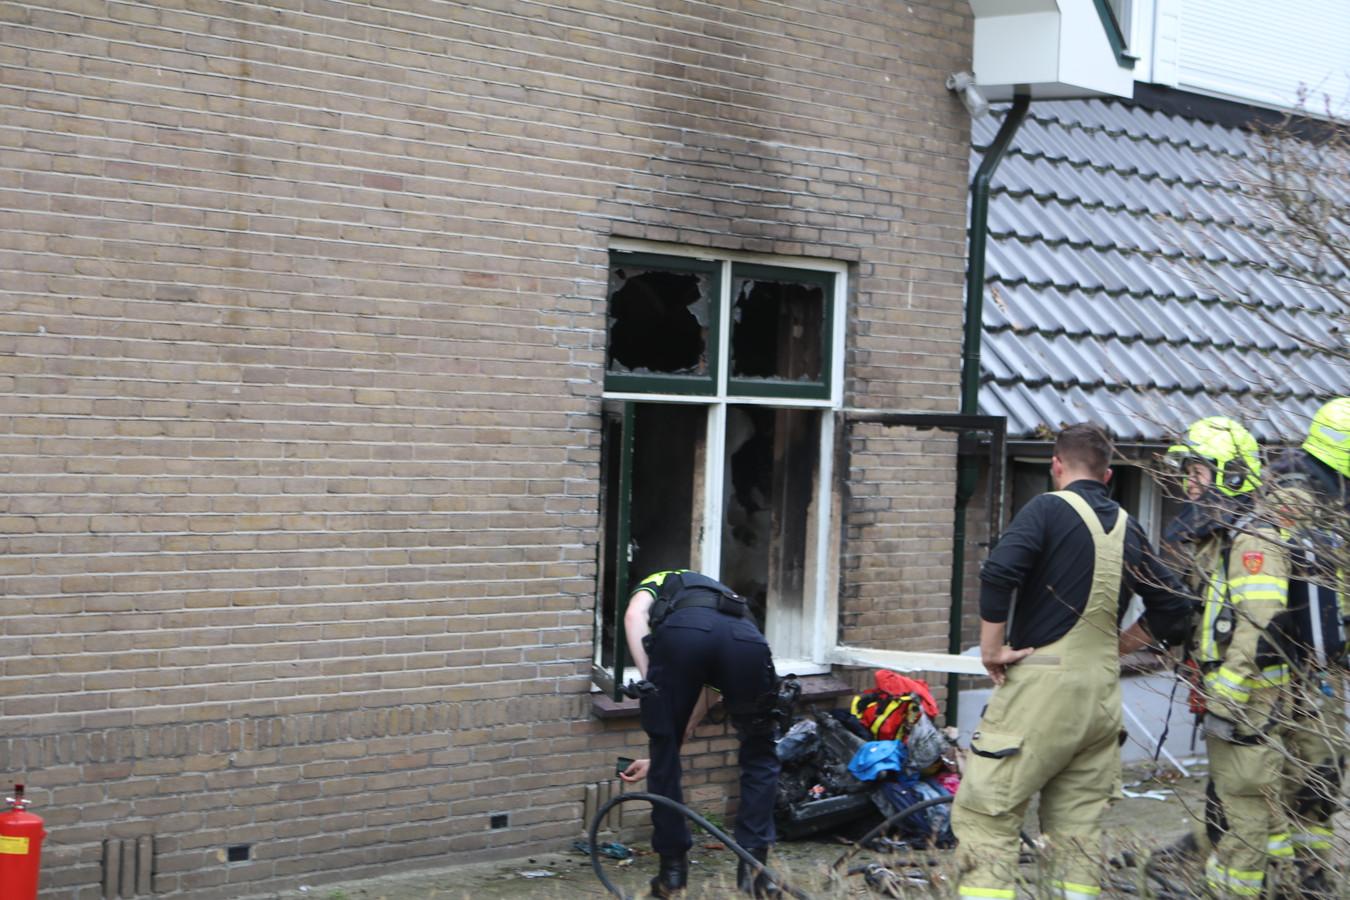 De brandweer heeft het vuur in de slaapkamer geblust.